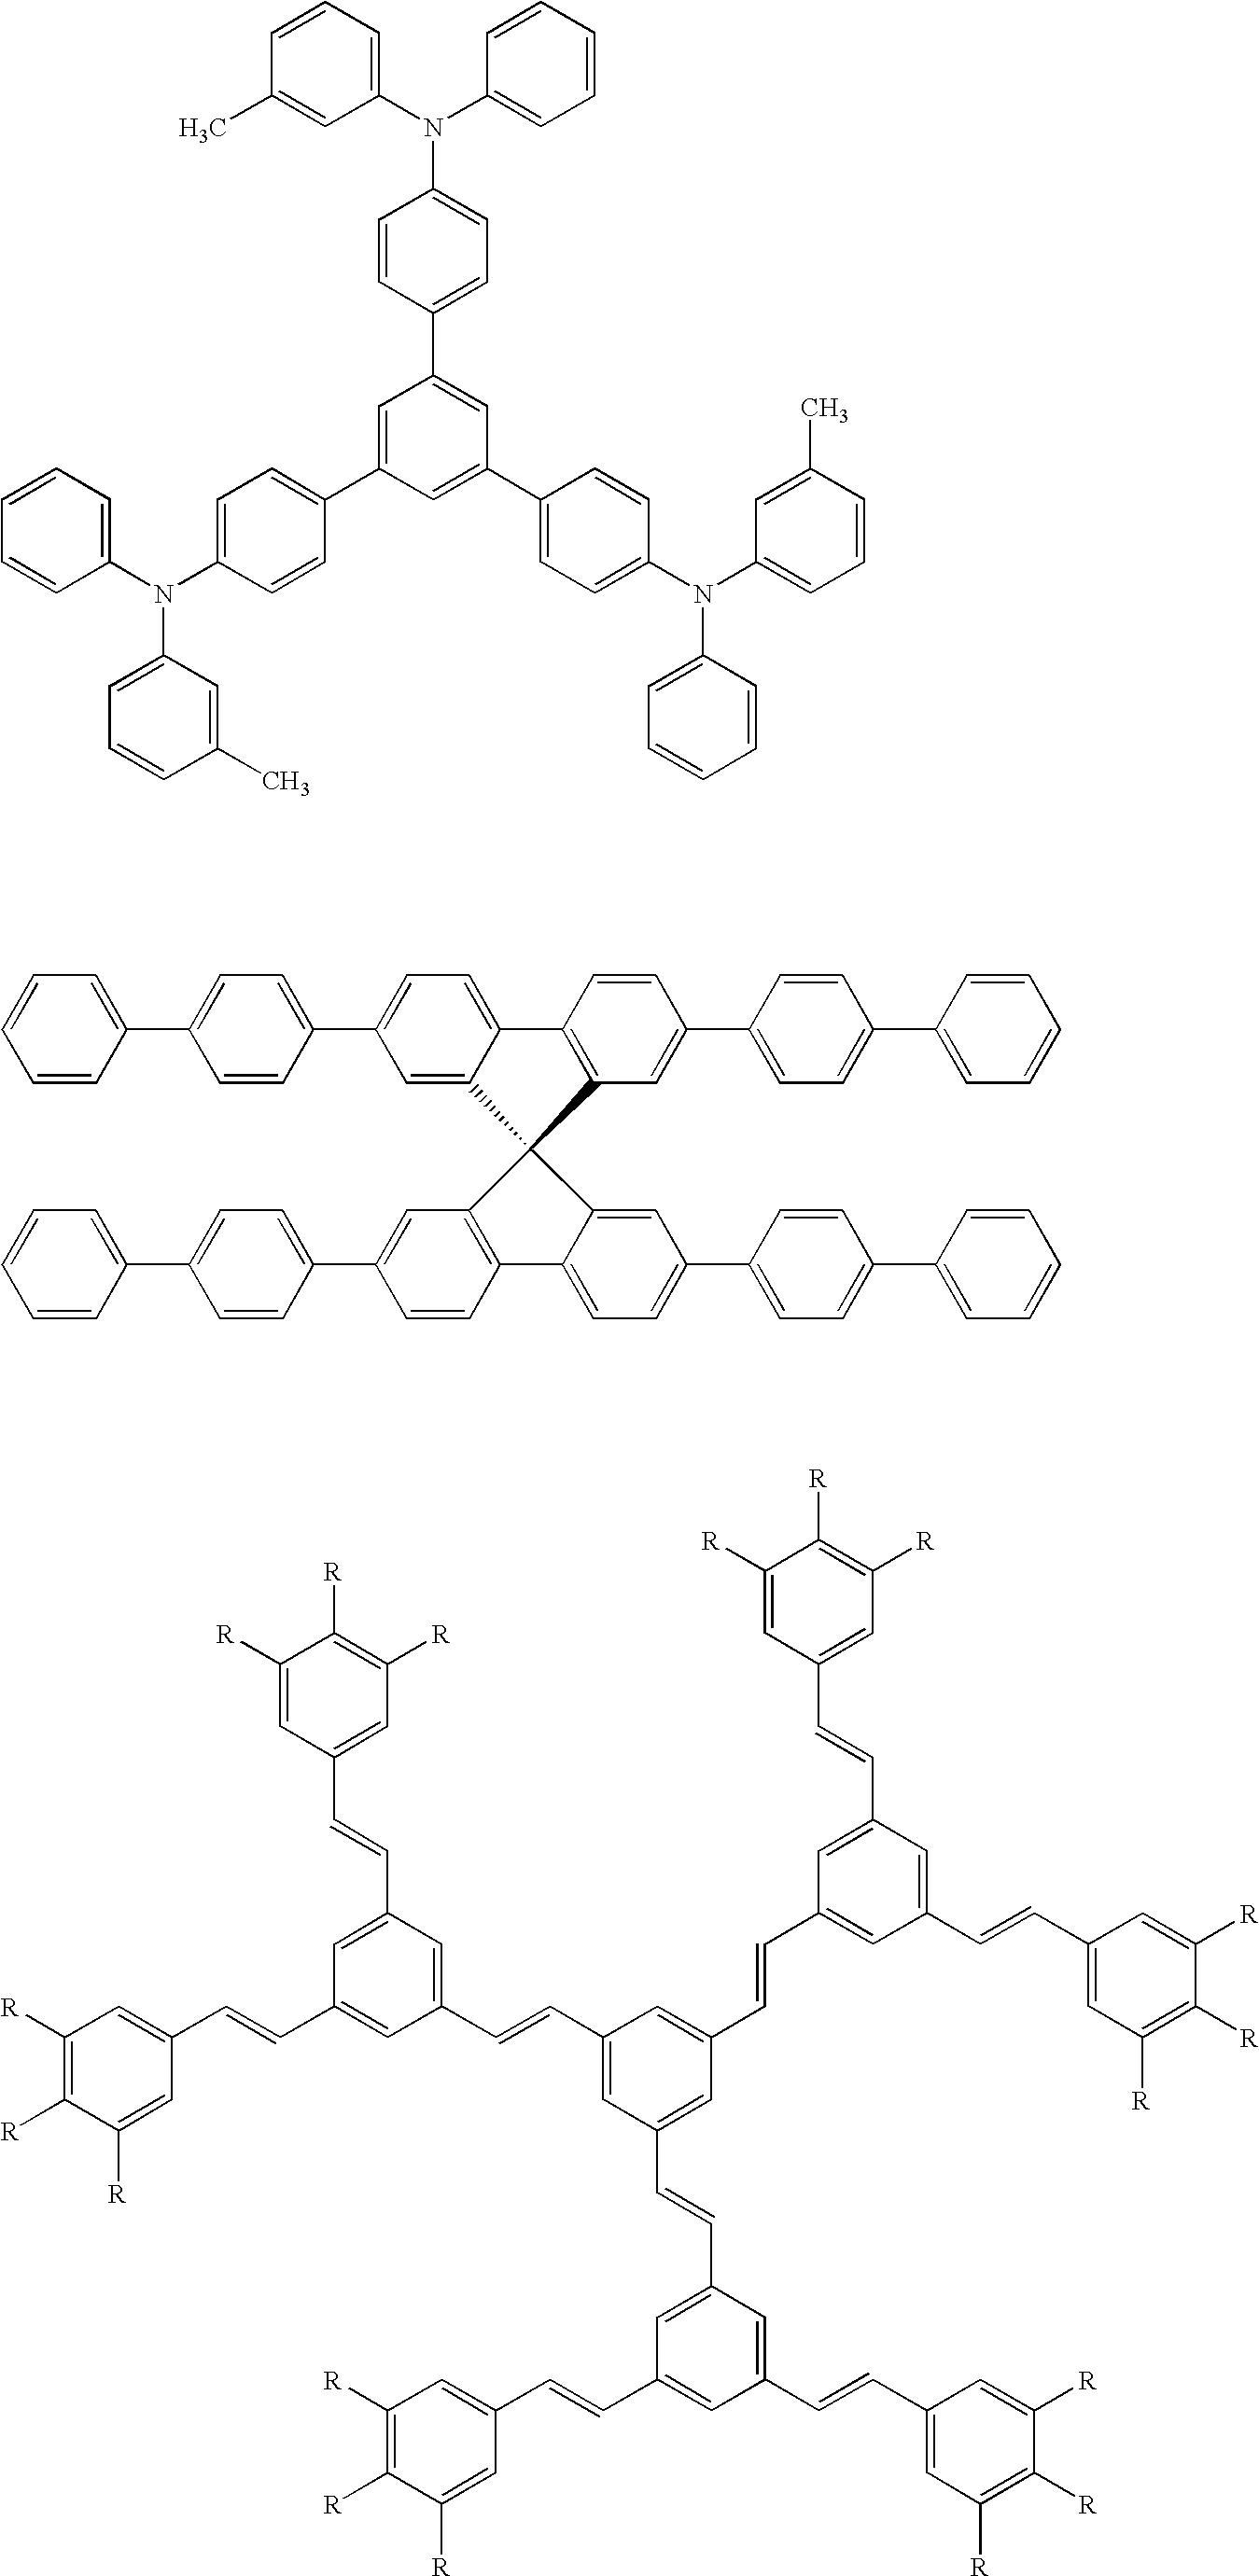 Figure US06824890-20041130-C00001